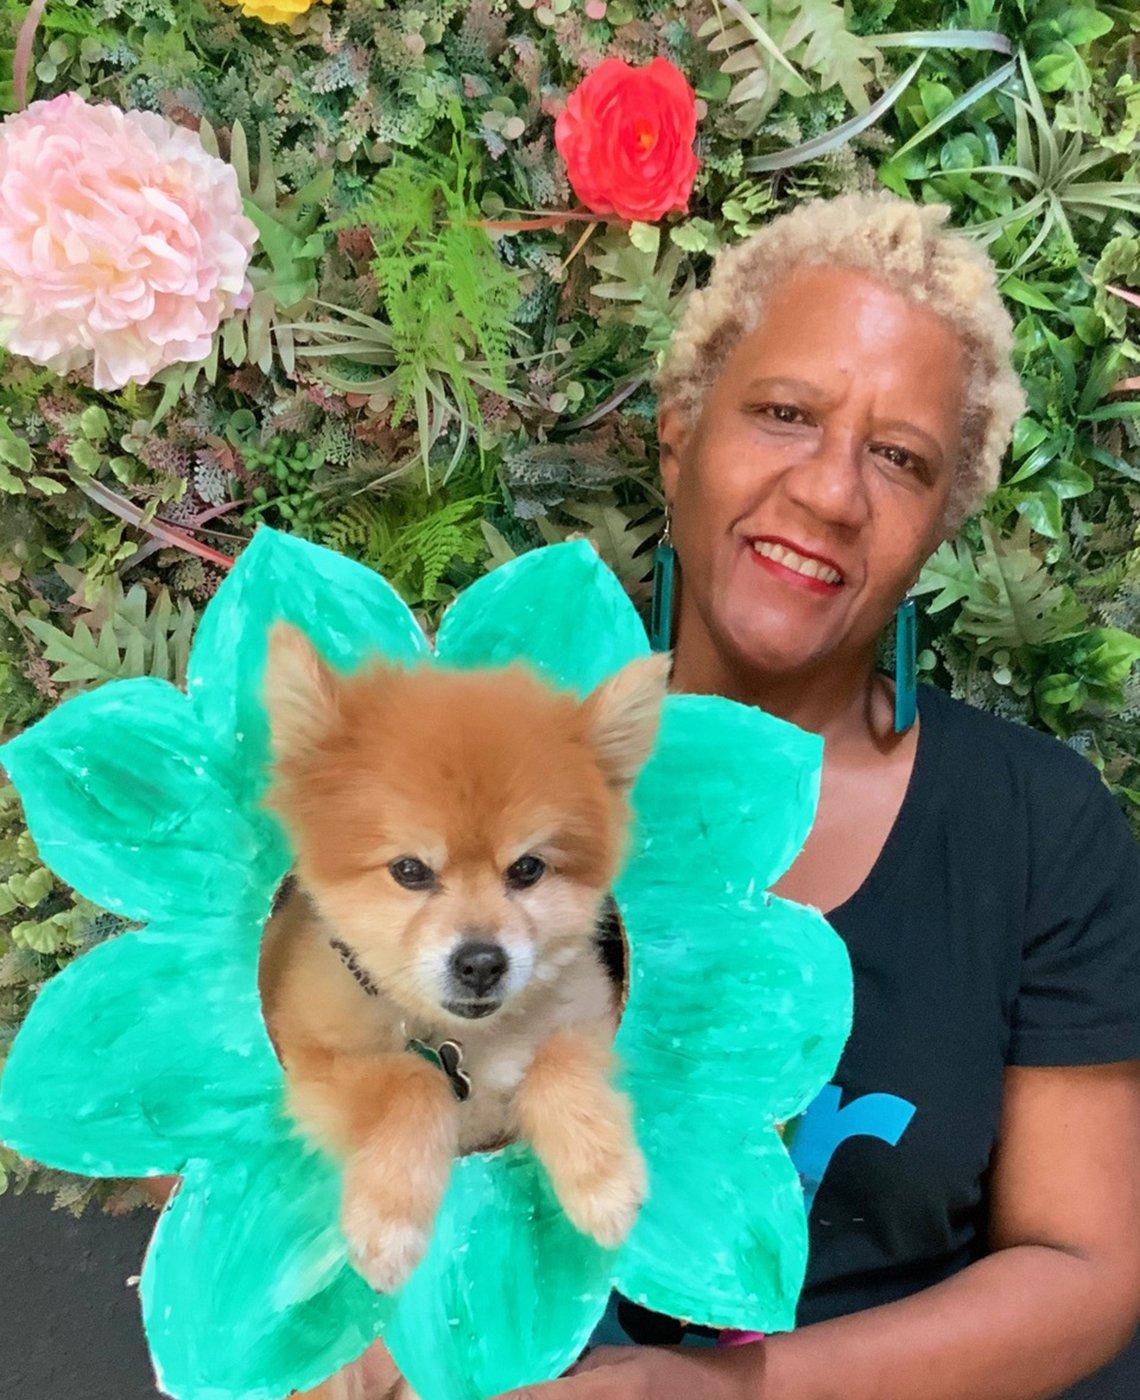 Judi Townsend, 63, sostiene a un cachorro quien es su cliente, Oakland, California